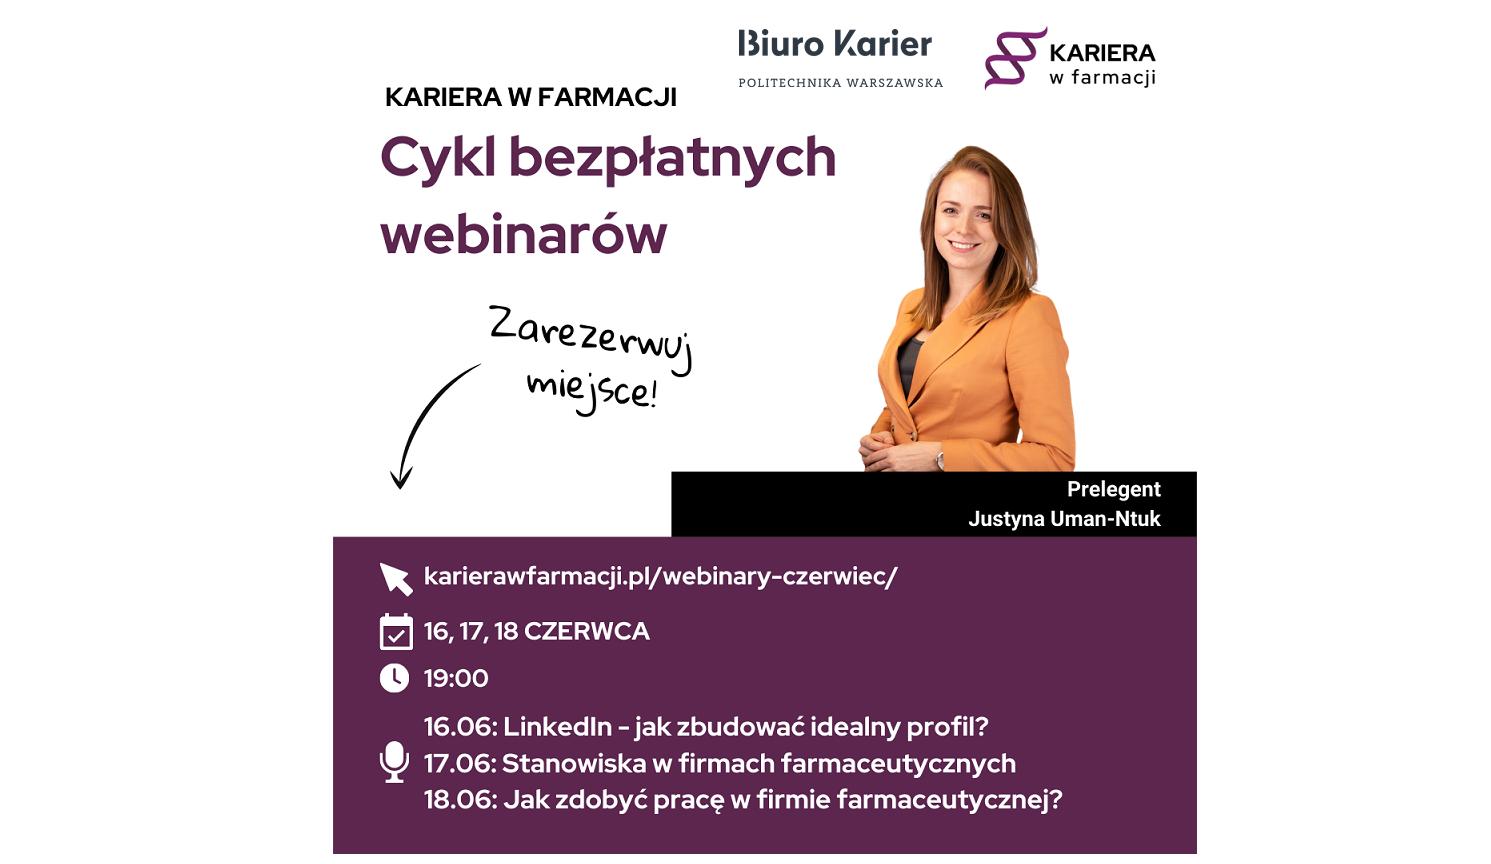 Kariera w farmacji - Cykl bezpłatnych webinarów (16-18.06)